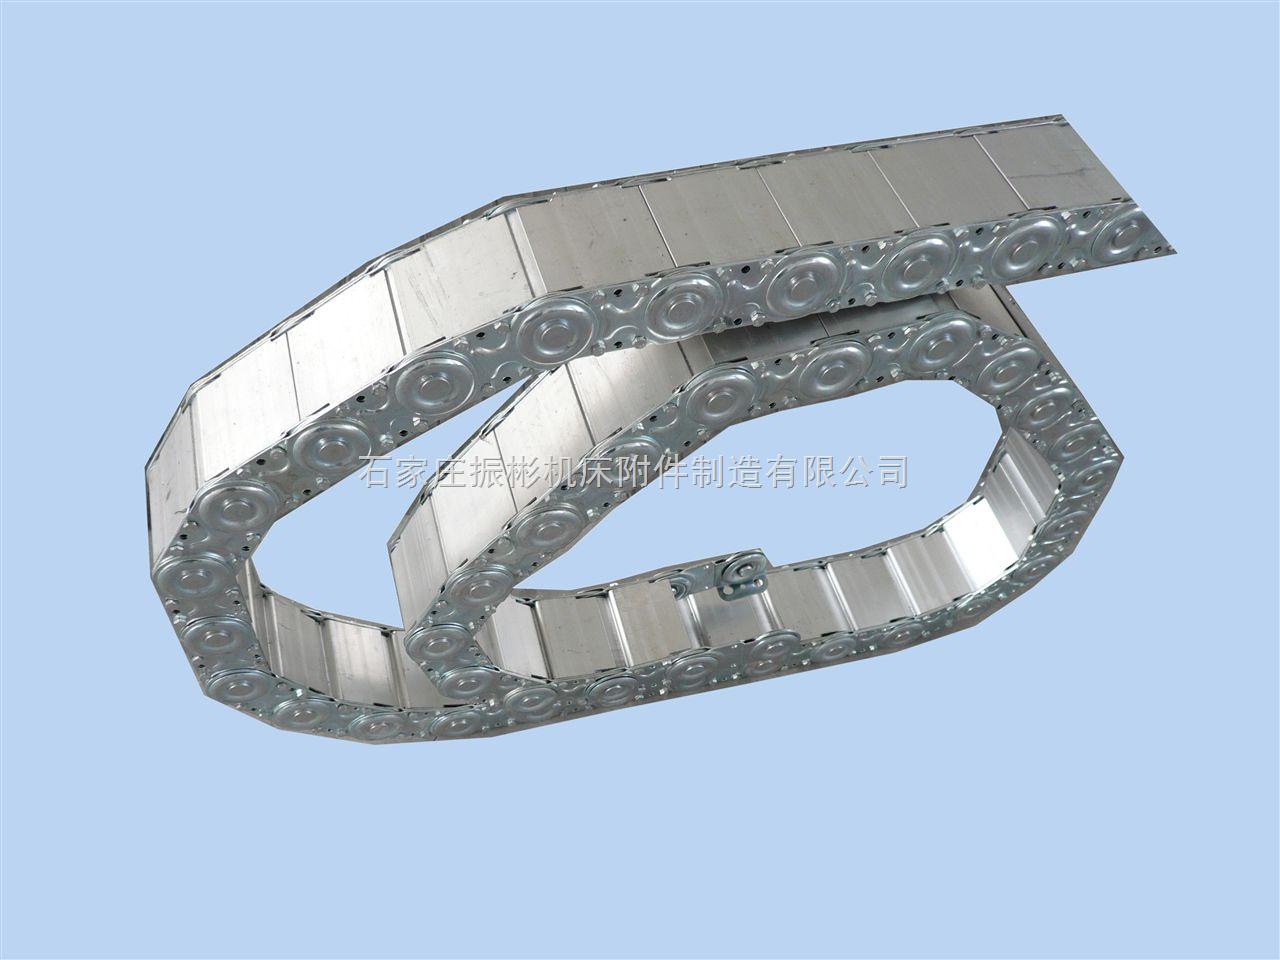 机床附件-机床防护罩-钢铝工程拖链-钢铝封闭拖链-钢铝拖链-全封闭钢铝拖链